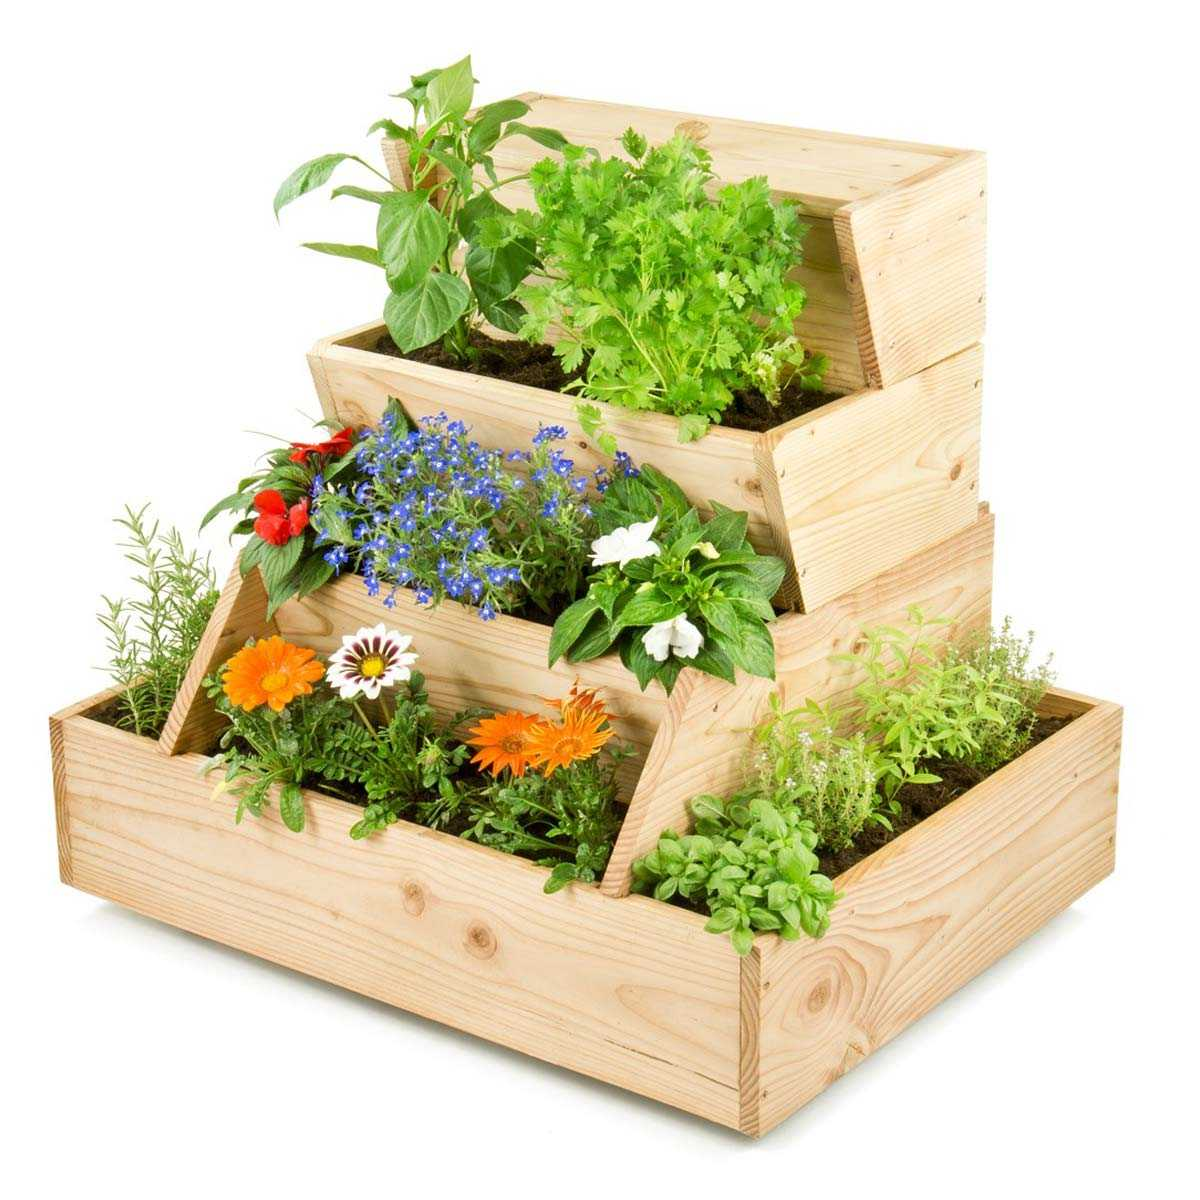 Fabriquer Potager Carré En Bois lombricomposteur potager en bois - patiocomposteur sur roulettes